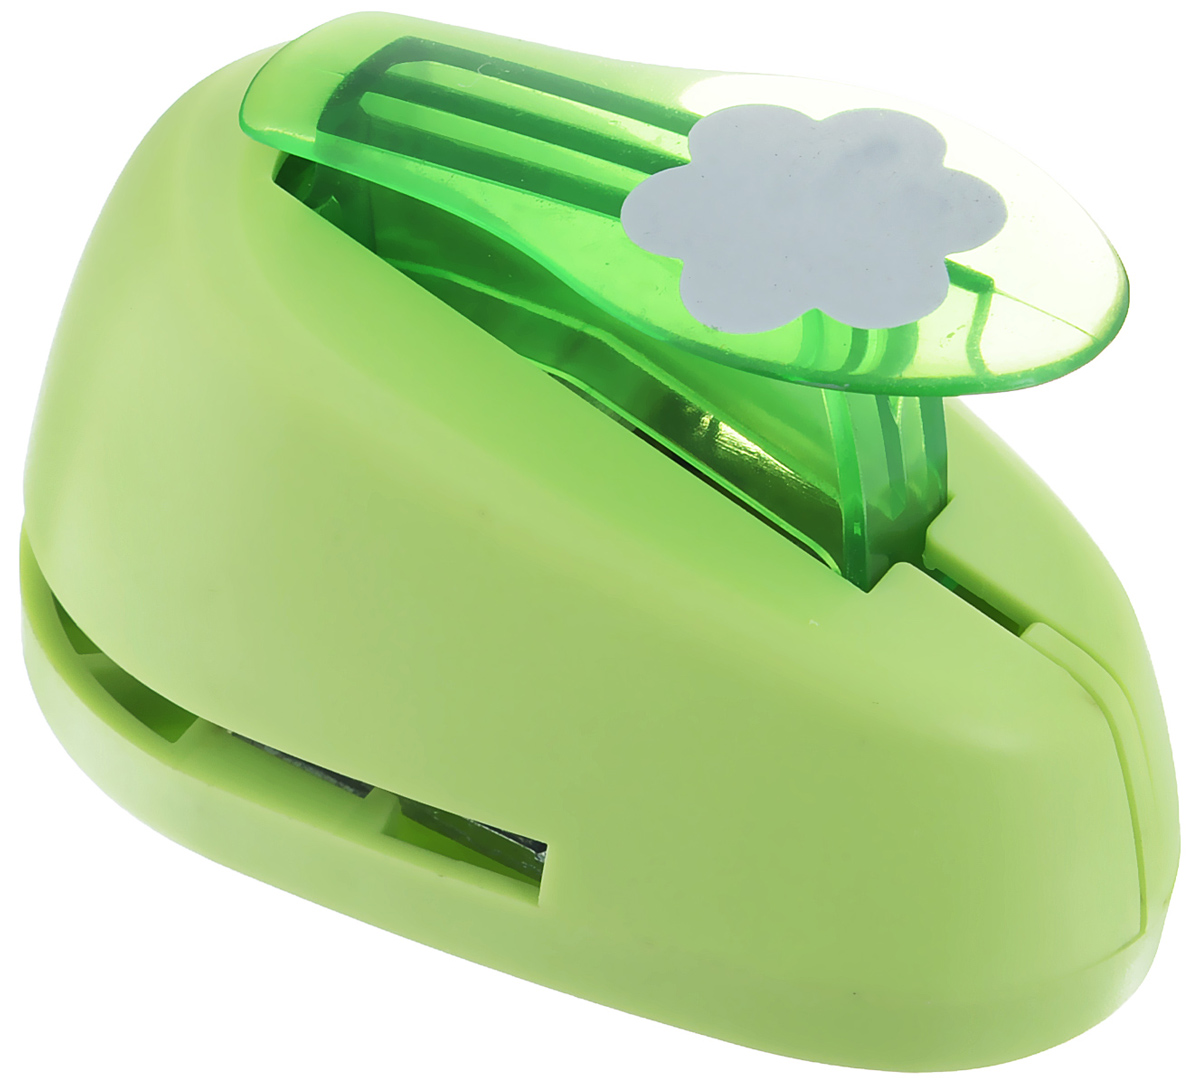 Дырокол фигурный Hobbyboom Цветок, №3, цвет: зеленый, 2,5 смFS-00897Дырокол фигурный Hobbyboom Цветок, выполненный из прочного пластика и металла, используется в скрапбукинге для украшения открыток, карточек, коробочек и прочего.Применяется для прорезания фигурных отверстий в бумаге в форме цветов. Вырезанный элемент также можно использовать для украшения.Предназначен для бумаги плотностью от 80 до 200 г/м2. При применении на бумаге большей плотности или на картоне, дырокол быстро затупится. Чтобы заточить нож компостера, нужно прокомпостировать самую тонкую наждачку. Размер дырокола: 4,7 см х 8 см х 5,5 см.Диаметр готовой фигурки: 2,5 см.